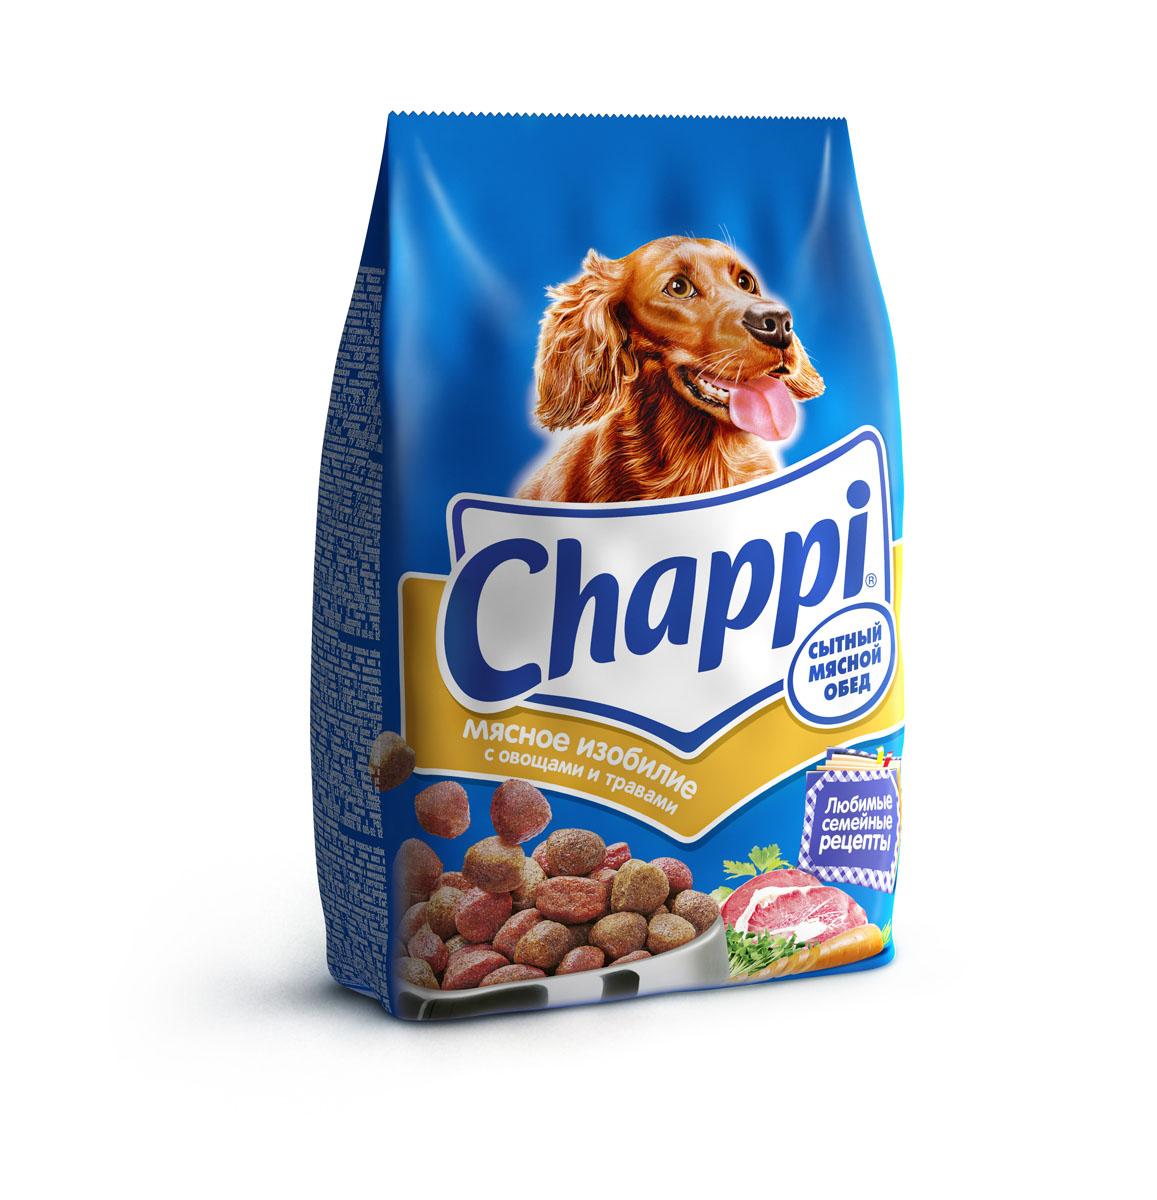 Корм сухой для собак Chappi Сытный мясной обед, мясное изобилие с овощами и травами, 600 г10006Сухой корм Chappi Сытный мясной обед - это специально разработанная еда для собак с оптимально сбалансированным содержанием белков, витаминов и микроэлементов. Уникальная формула Chappi включает в себя все необходимые для здоровья компоненты: - мясо - для силы и энергии в течение дня; - овощи, травы и злаки - для отличного пищеварения; - масла и жиры - для блестящей шерсти и здоровой кожи; - кальций - для крепких зубов и костей; - витамины - для защиты здоровья; - минералы - для подержания собаки в оптимальной форме. Корм Chappi идеально подходит для вашего любимца как надежный источник жизненных сил. Состав: злаки, мясо и субпродукты, жиры животного происхождения, морковь, люцерна, растительные масла, минеральные вещества, витамины. Пищевая ценность в 100 г: белок - 18 г, жиры - 10 г, клетчатка - 7 г, влажность - не более 10 г, зола - 7 г, кальций - 0,8 г, фосфор - 0,6 г, витамин А - 500 МЕ,...